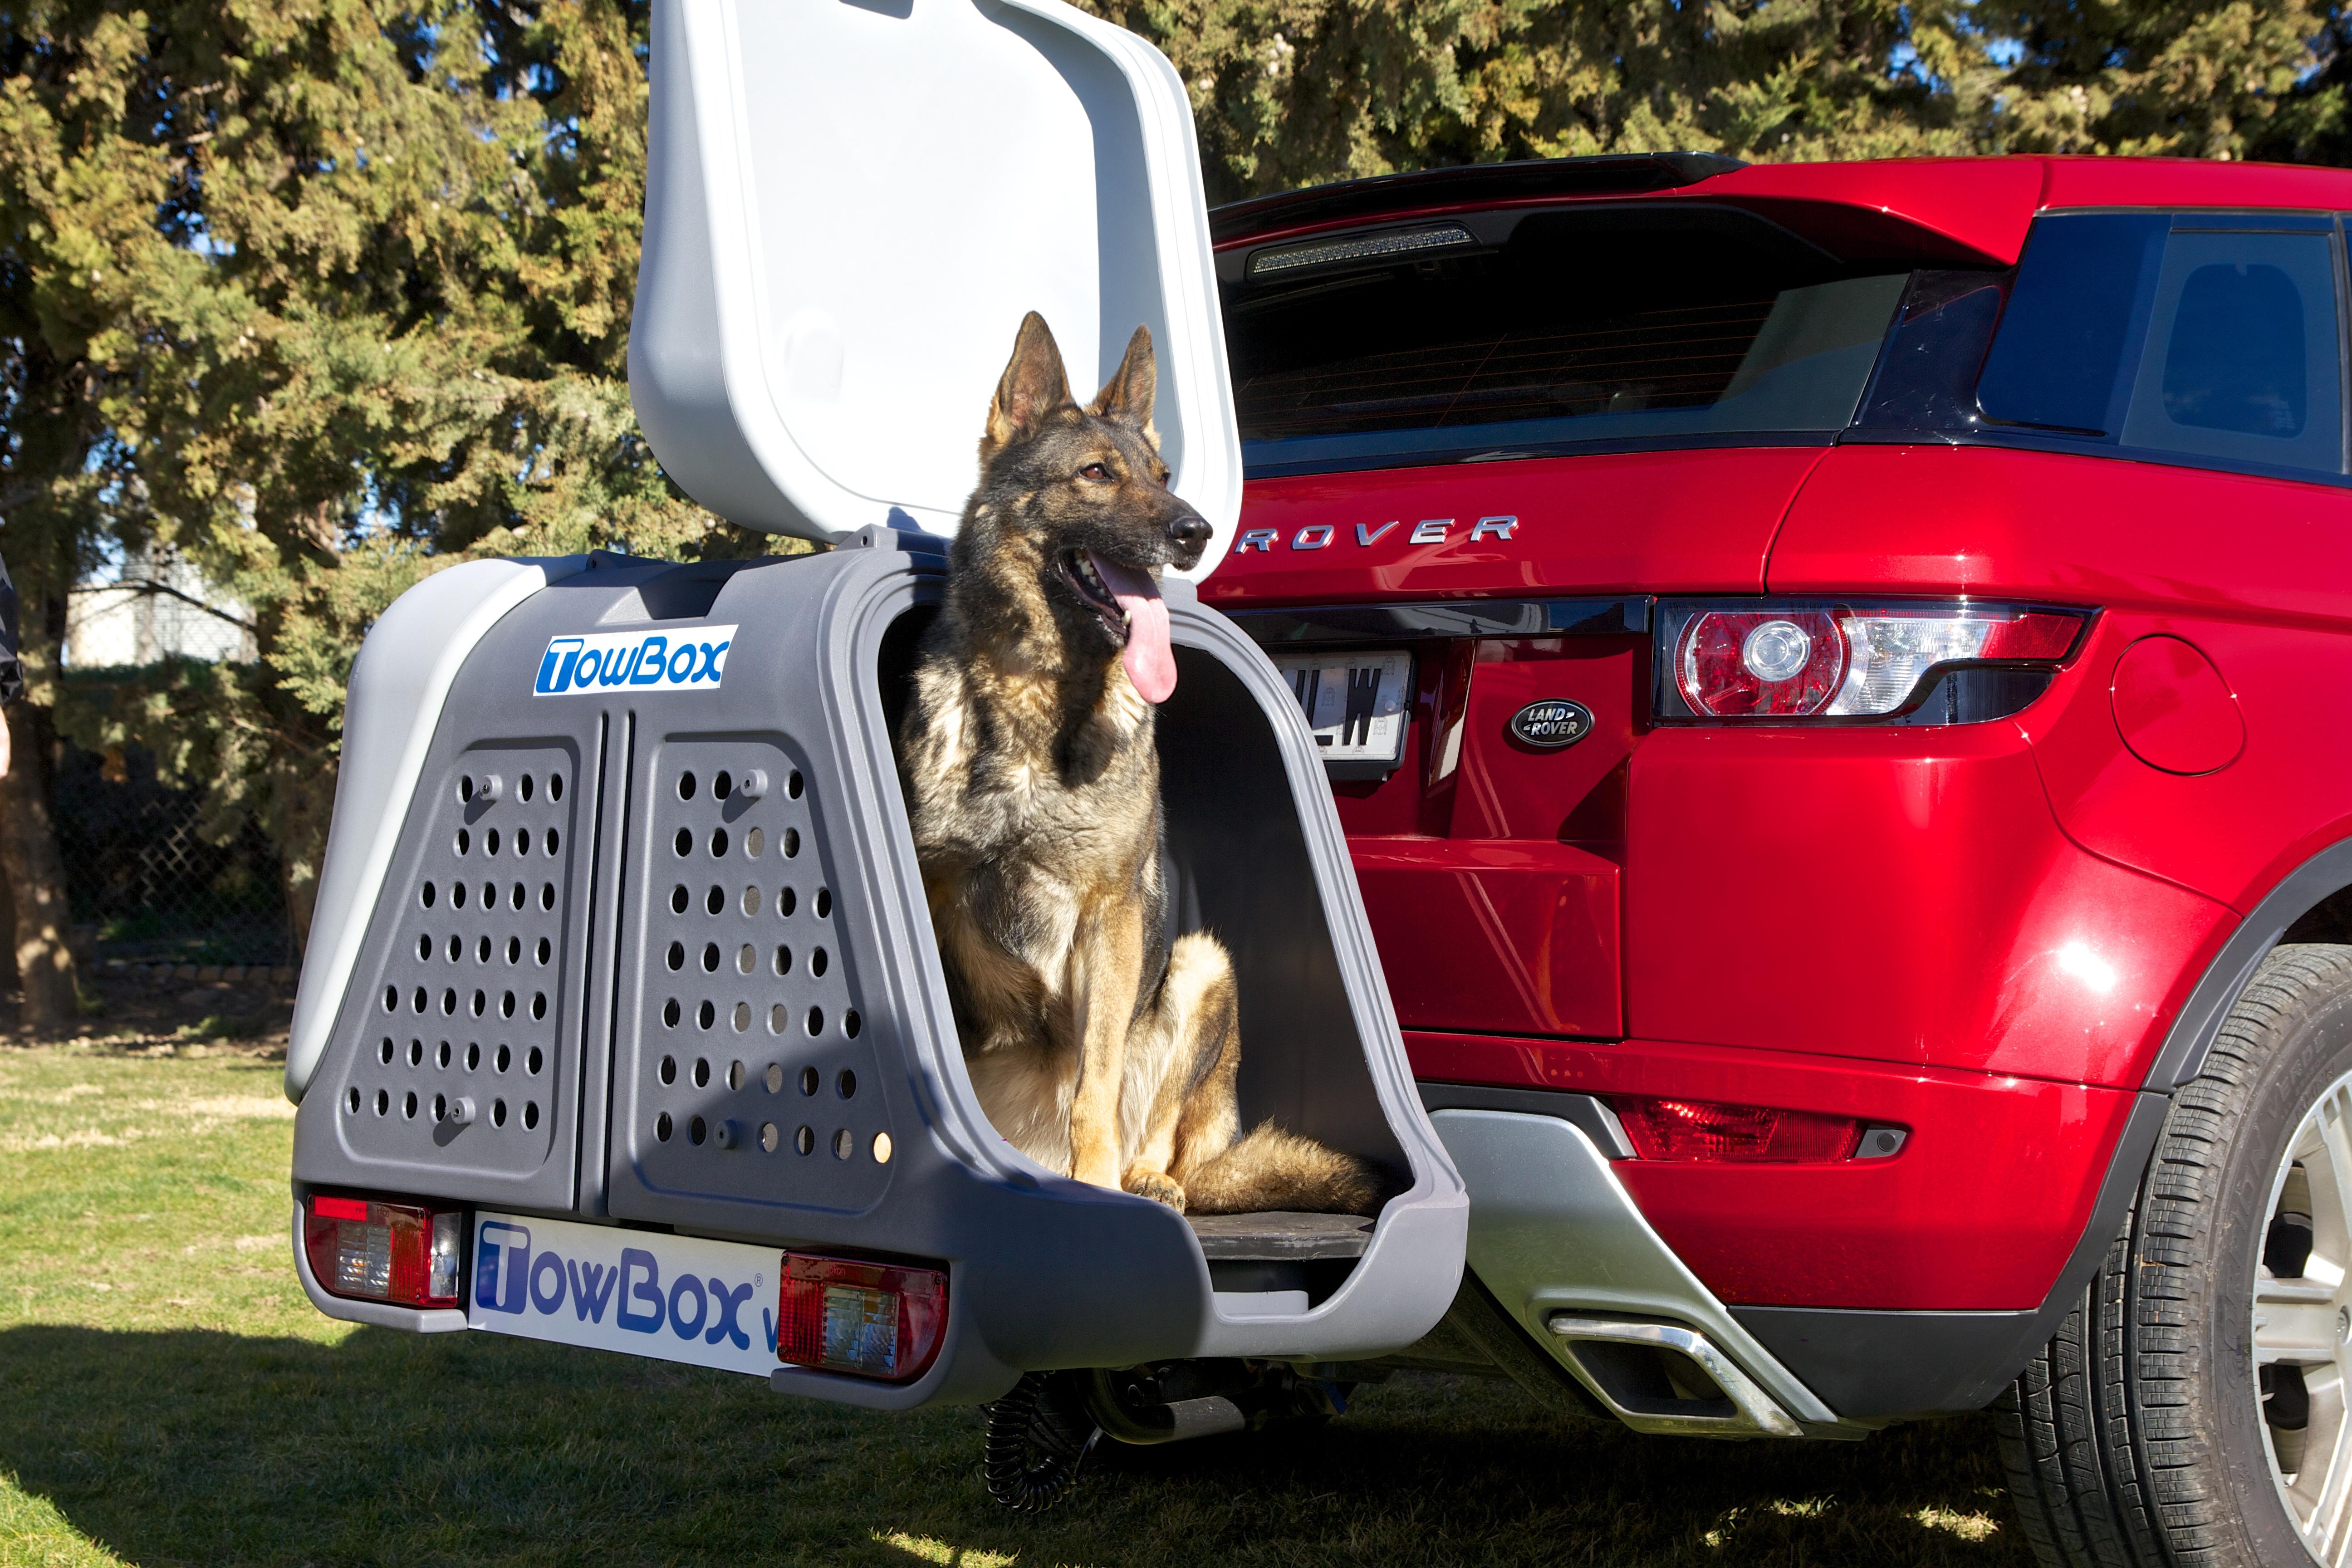 Blamon ayudas transporte for Towbox usato